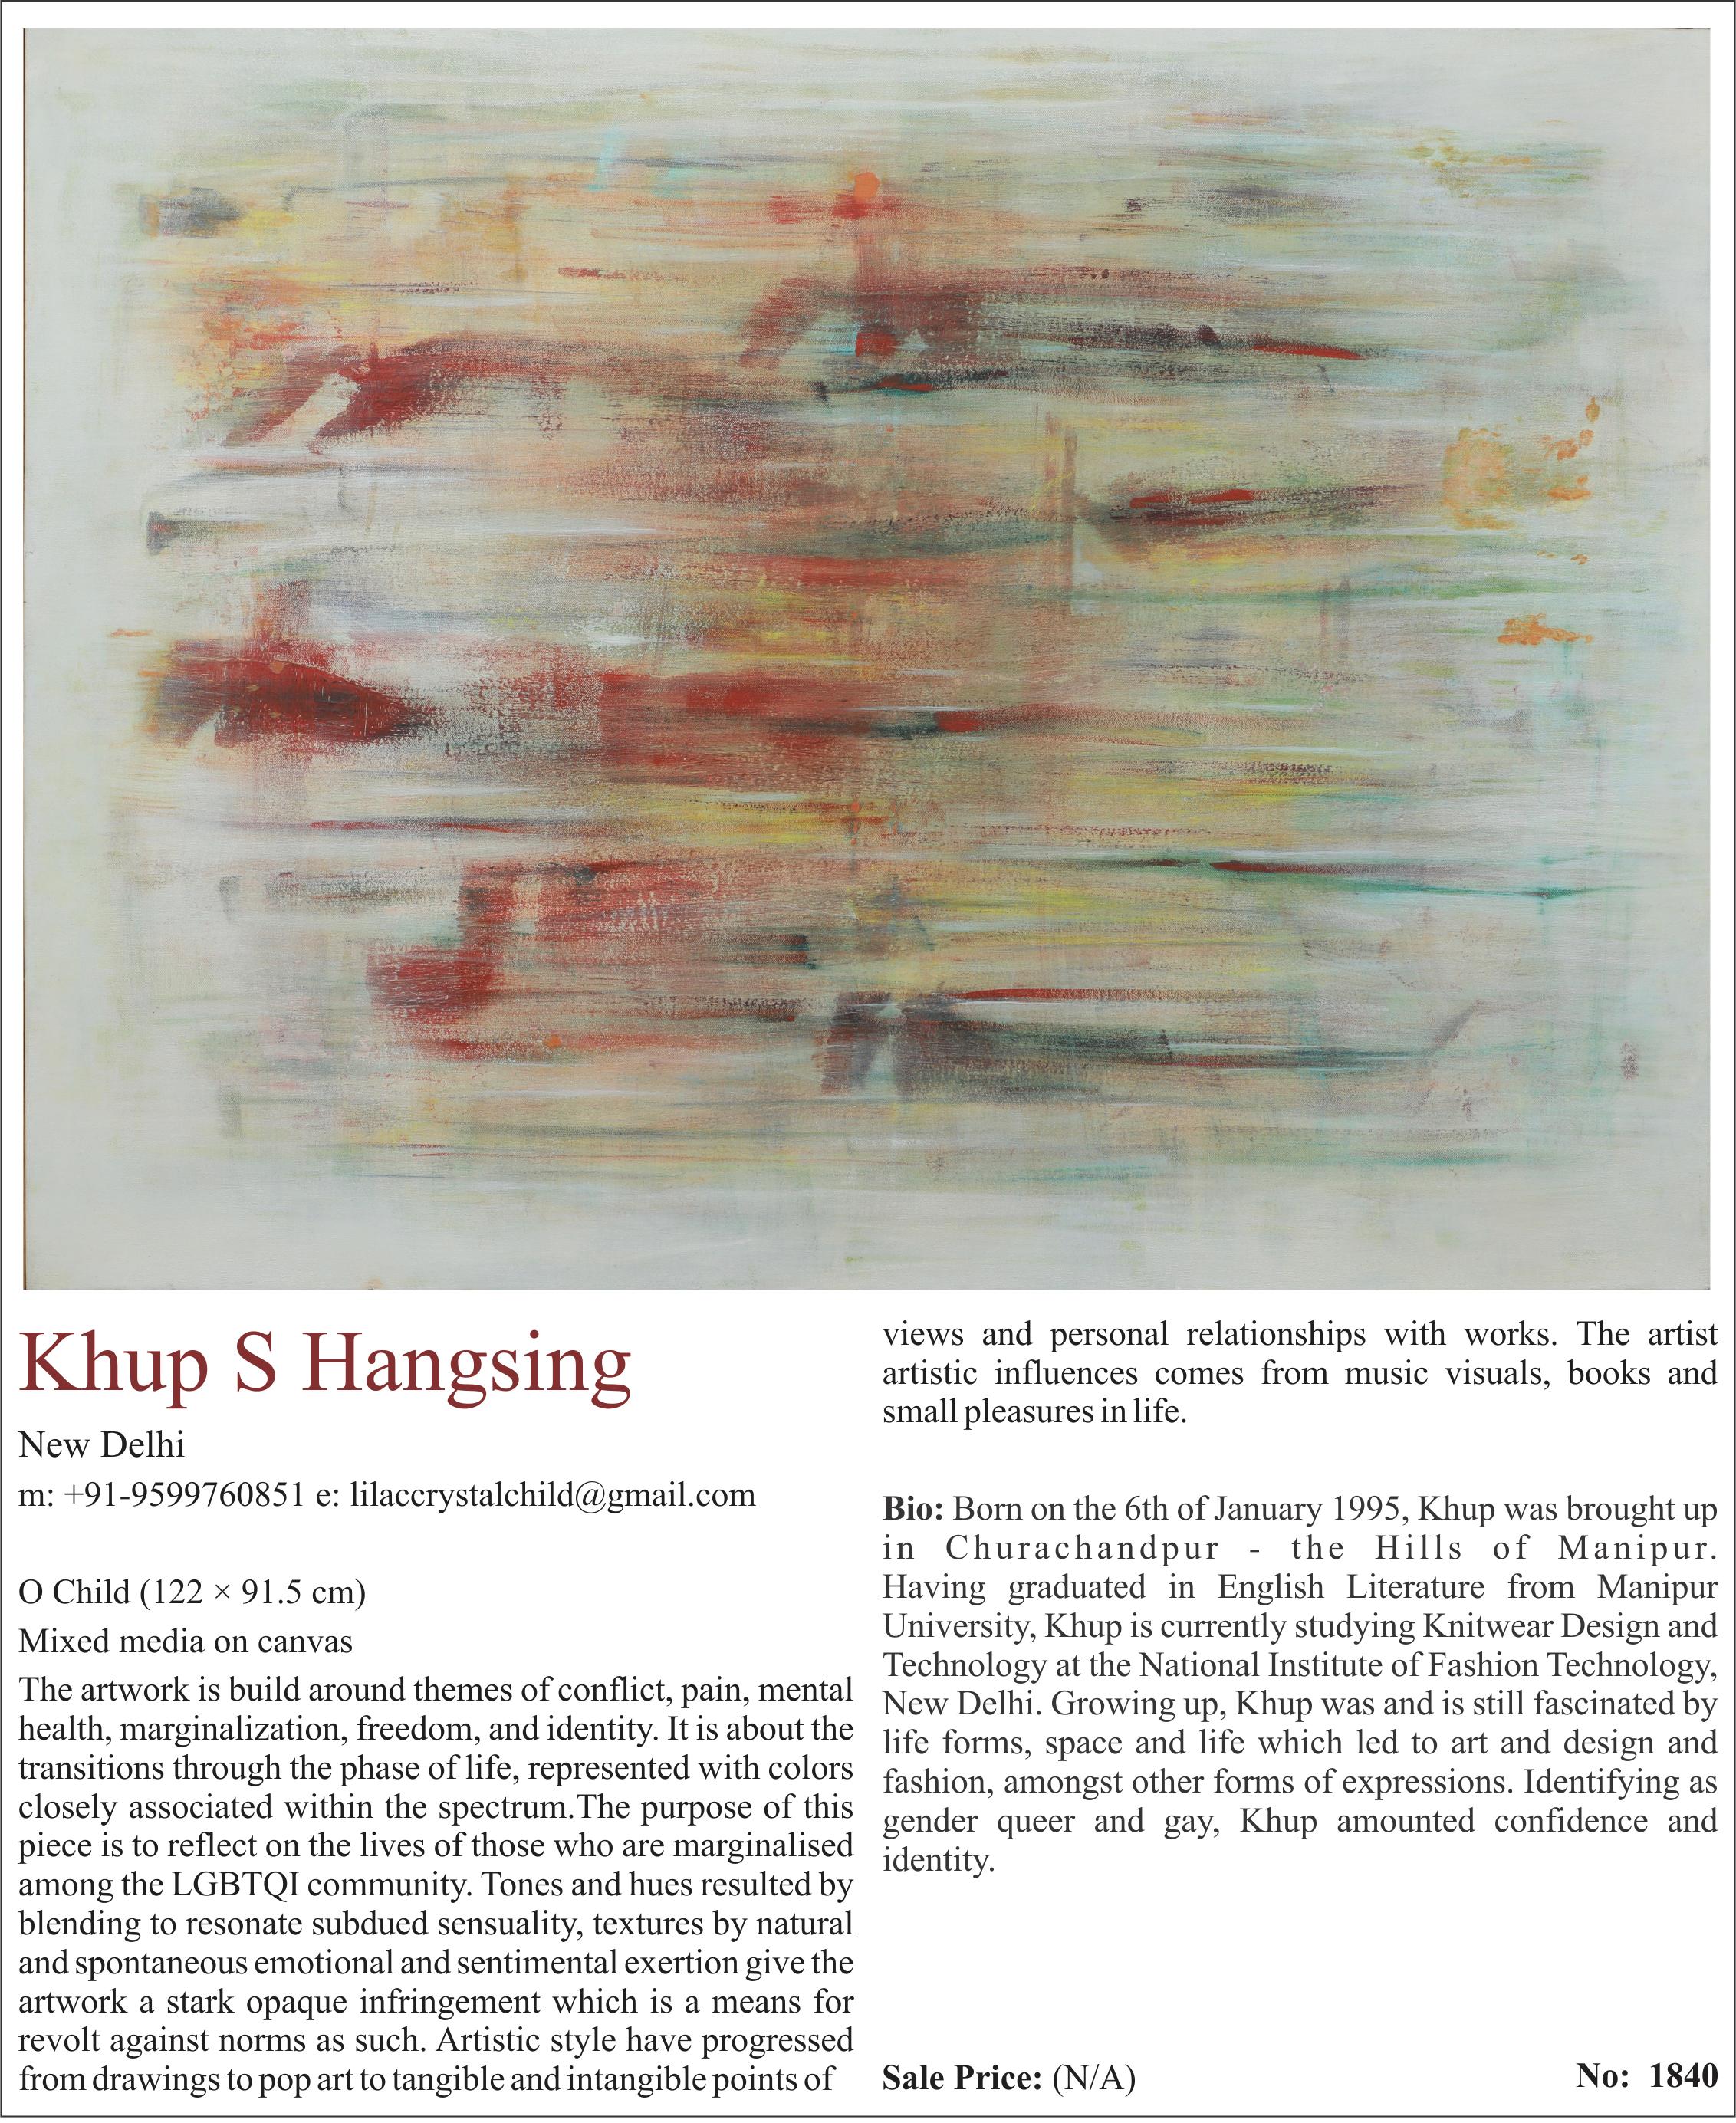 Khup S Hangsing.jpg